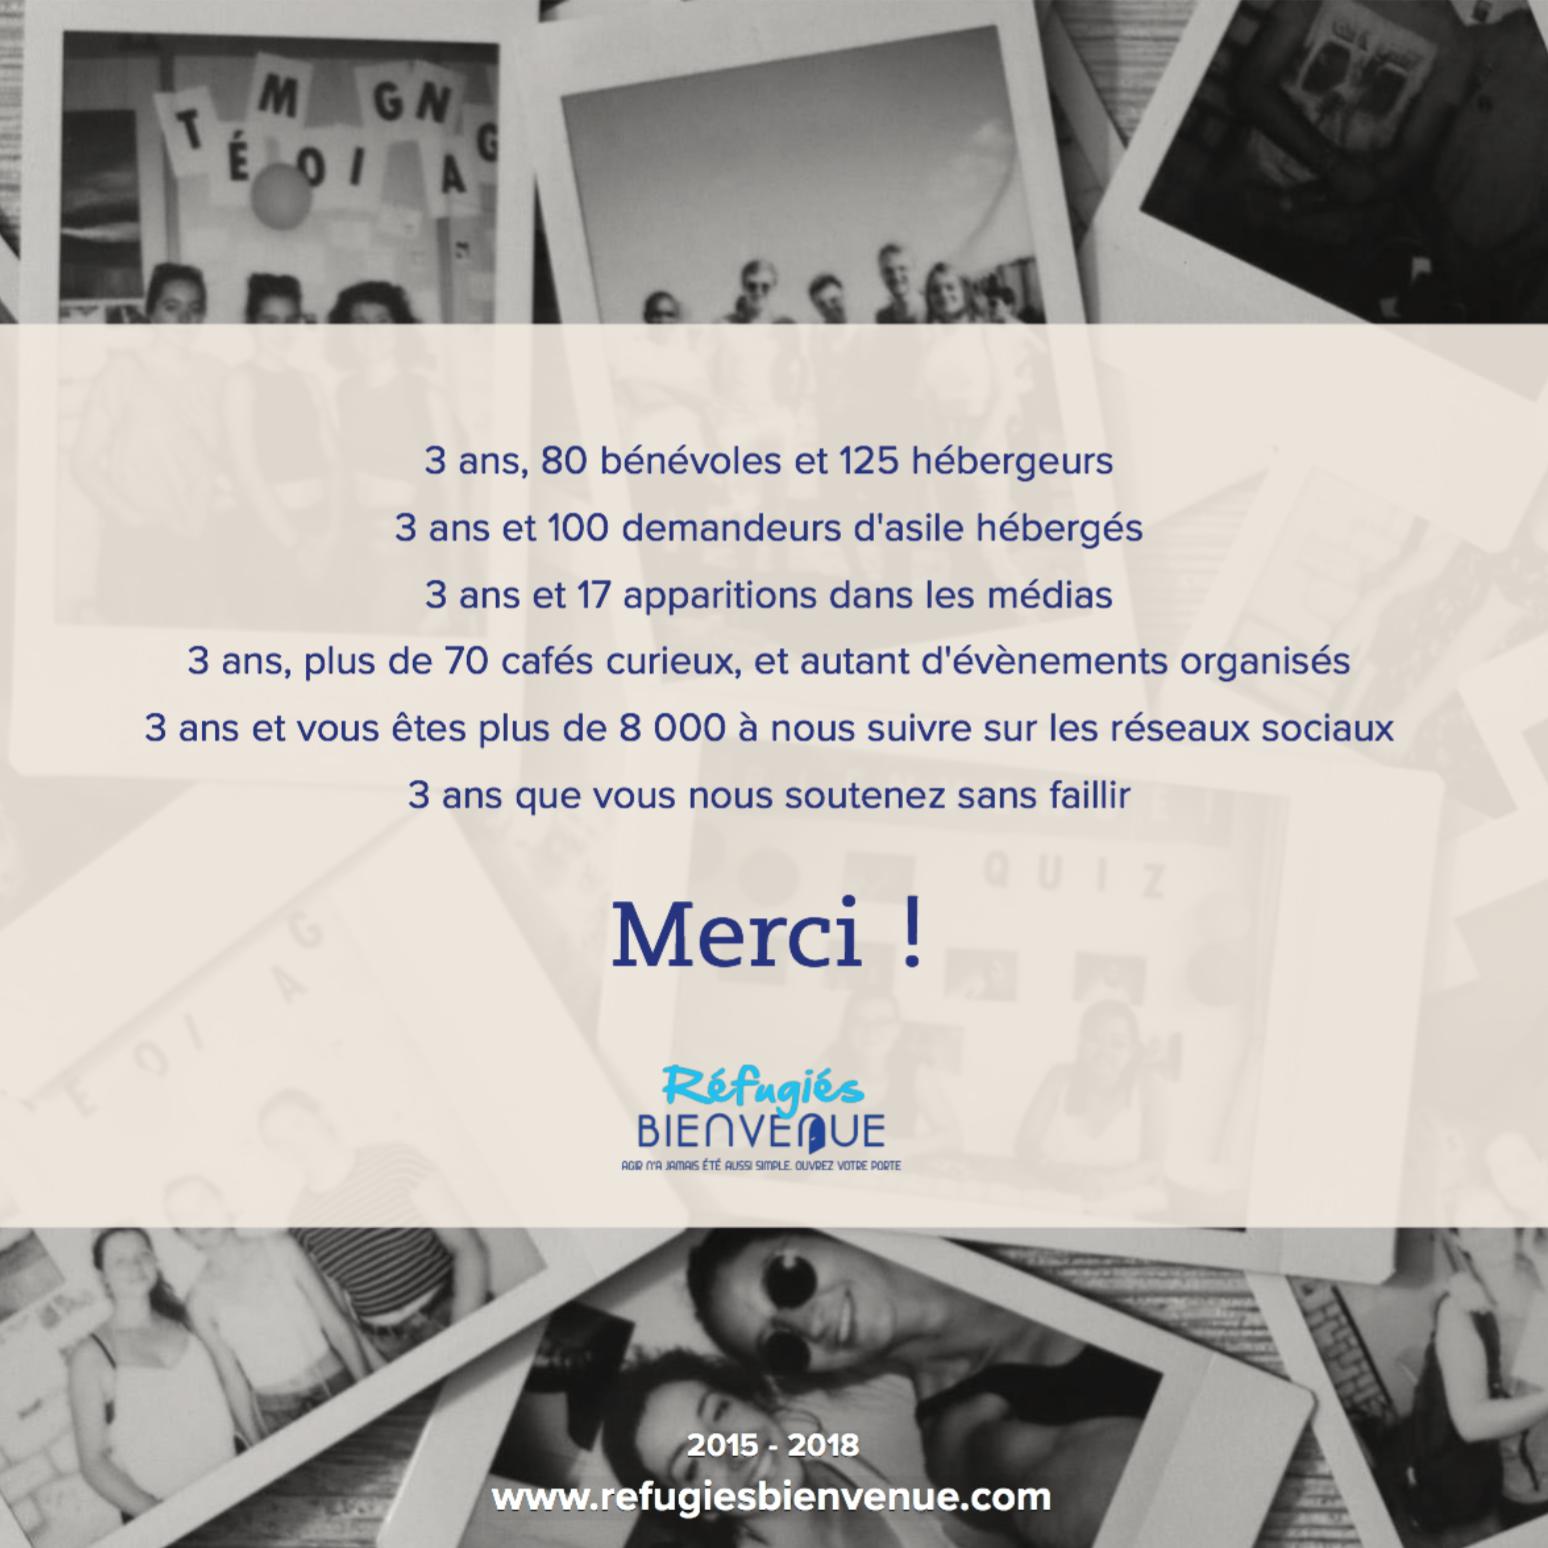 181002_RB_Merci_Infos_V2